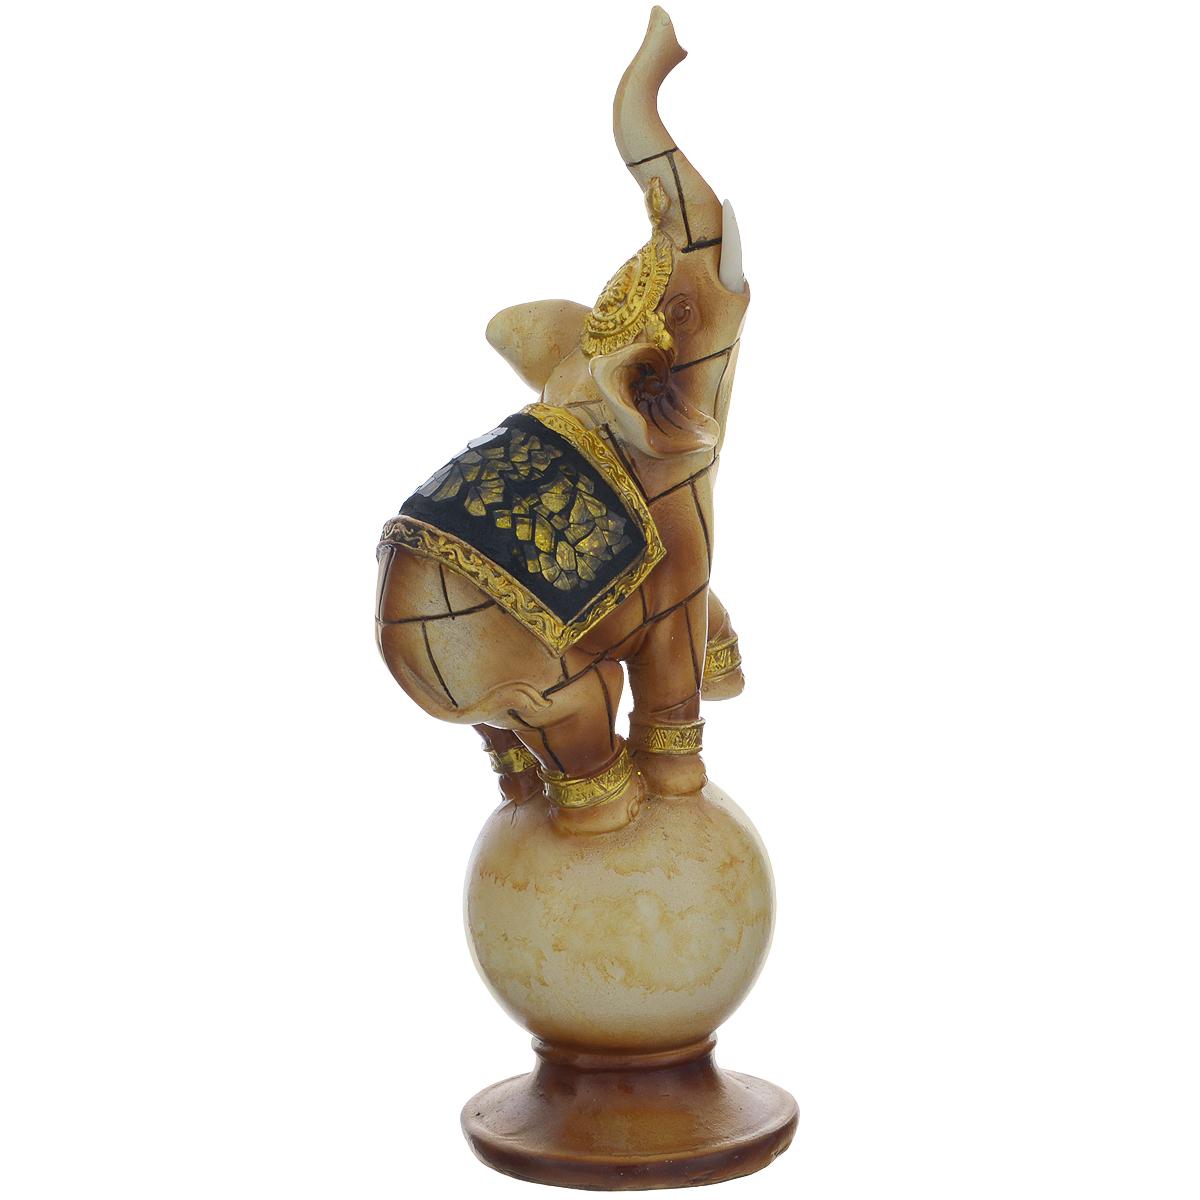 Фигурка декоративная Molento Слон на шаре, высота 21 см12723Декоративная фигура Molento Слон на шаре, изготовленная из полистоуна, позволит вам украсить интерьер дома, рабочего кабинета или любого другого помещения оригинальным образом. Изделие, выполненное в виде слона на шаре, оформлено зеркальной россыпью.С такой декоративной фигурой вы сможете не просто внести в интерьер элемент оригинальности, но и создать атмосферу загадочности и изысканности.Размер фигурки: 8 см х 6 см х 21 см.